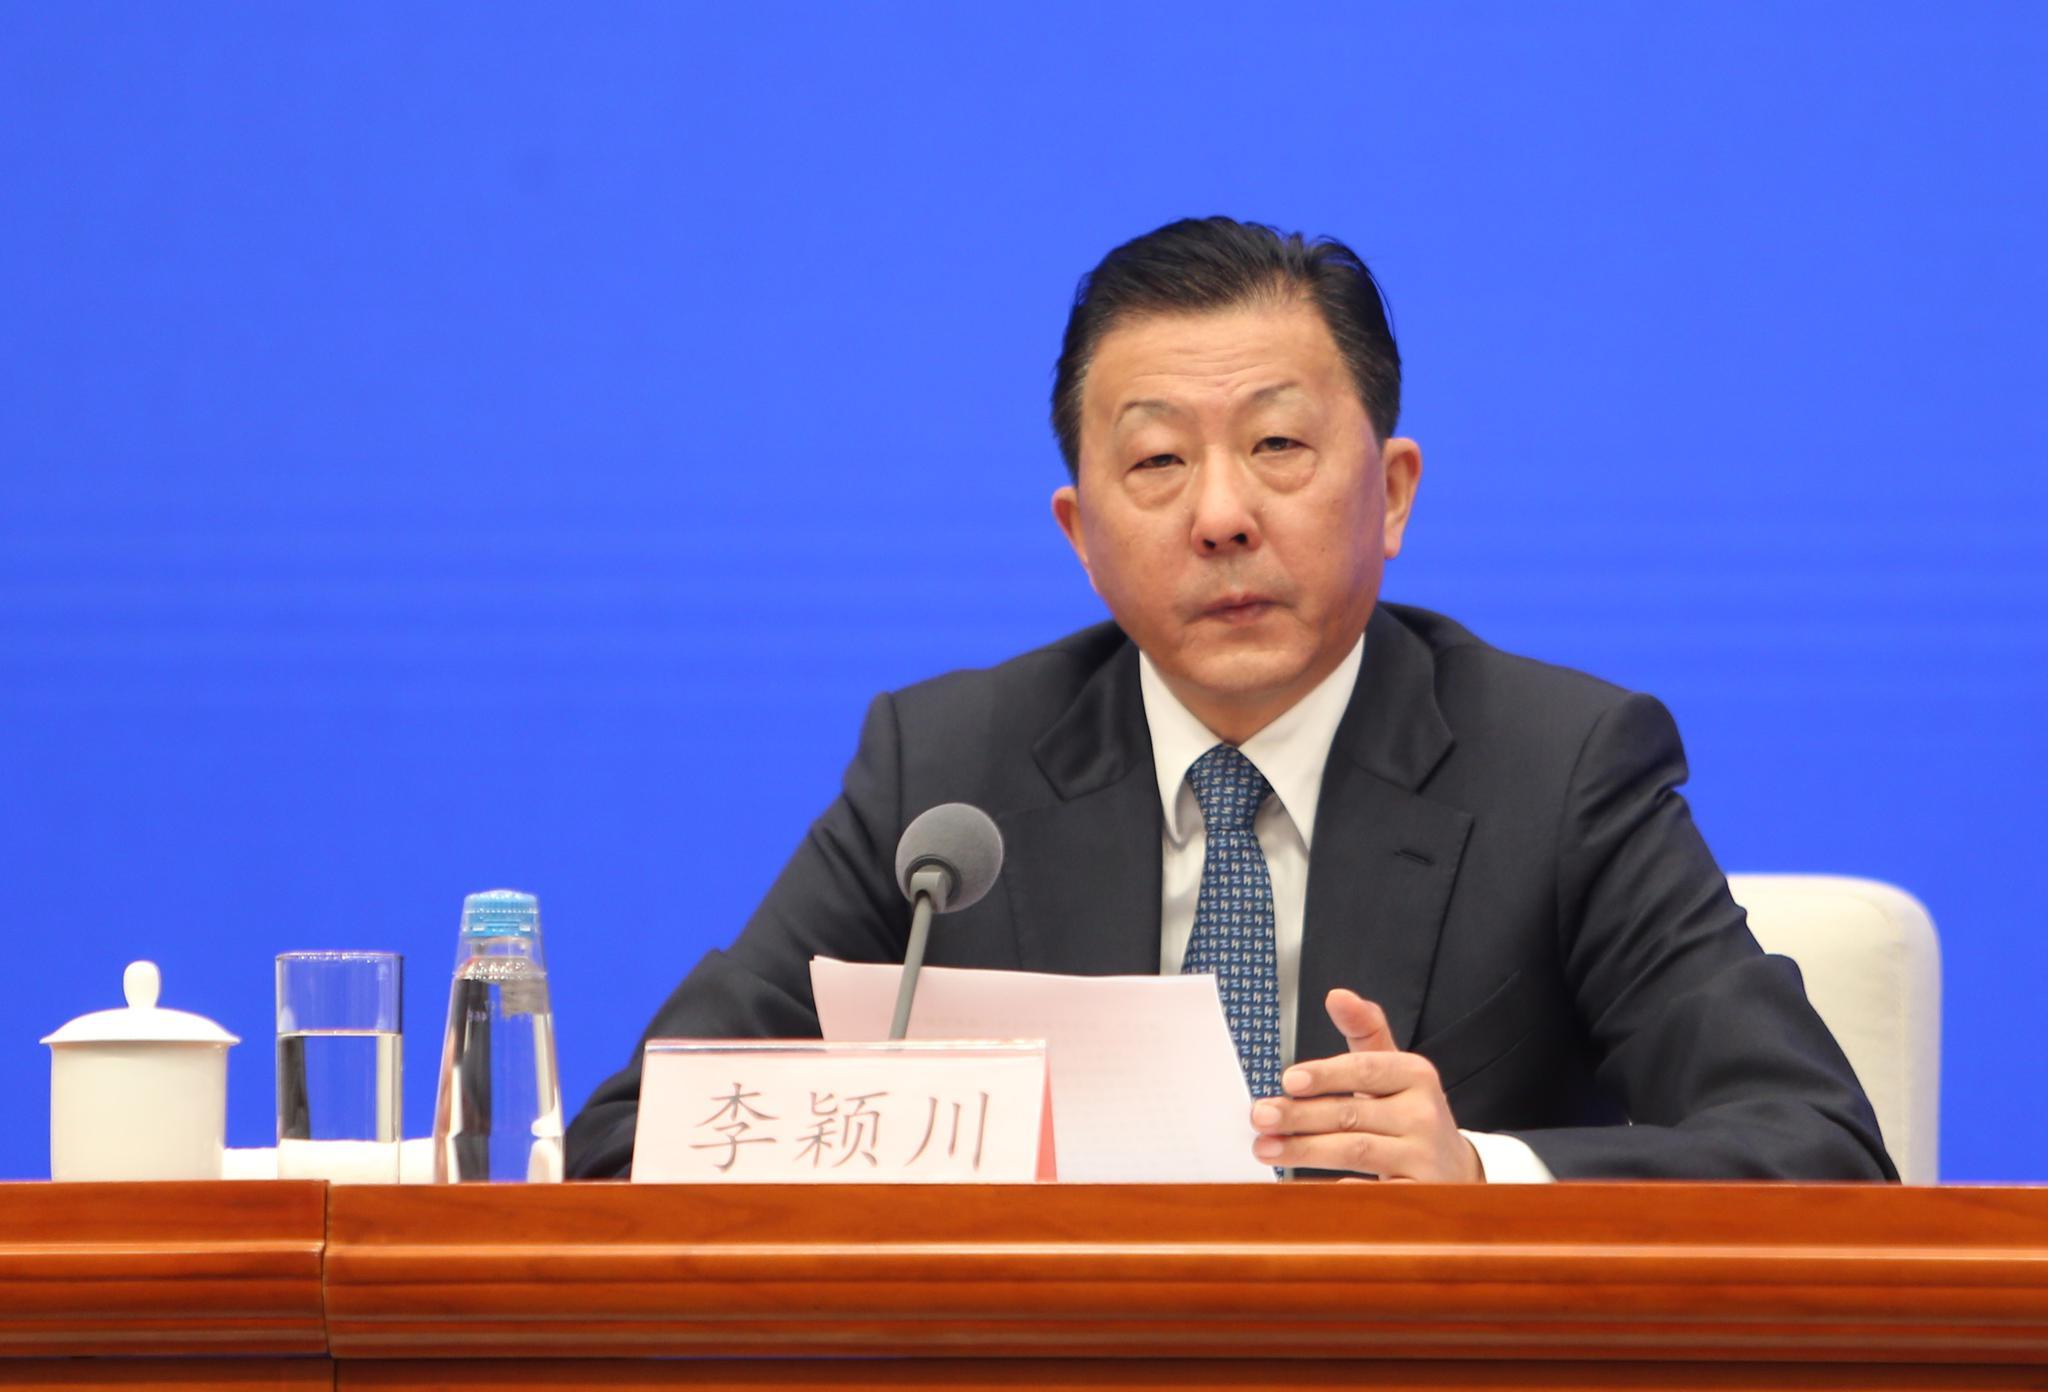 国家体育总局副局长李颖川:破解体育产业发展的制度性和体制性难题